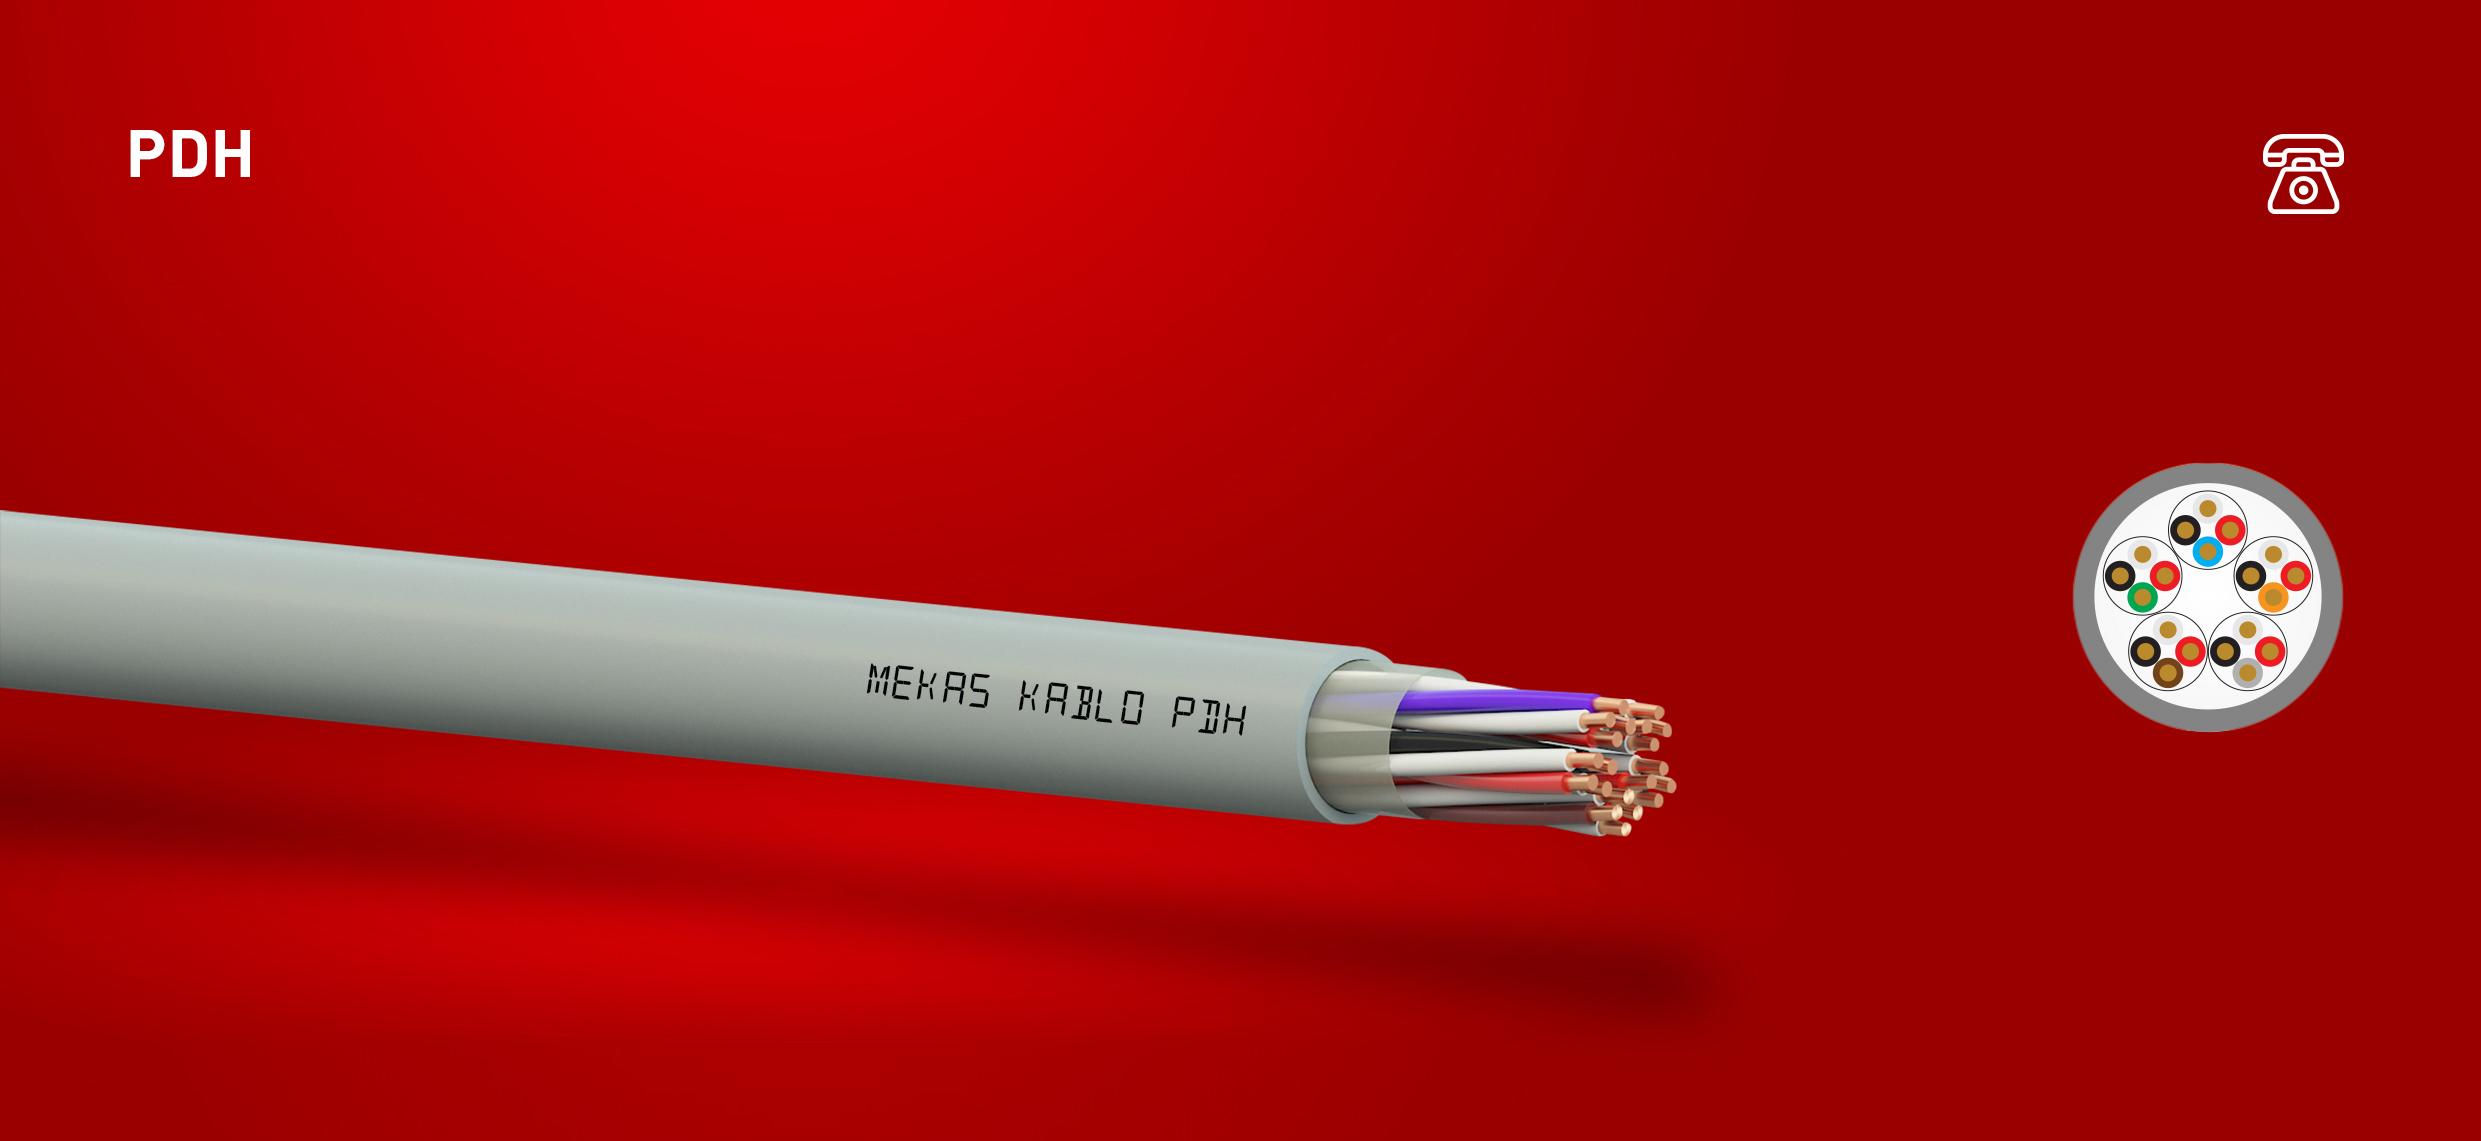 telefon kablosu pdh kablo